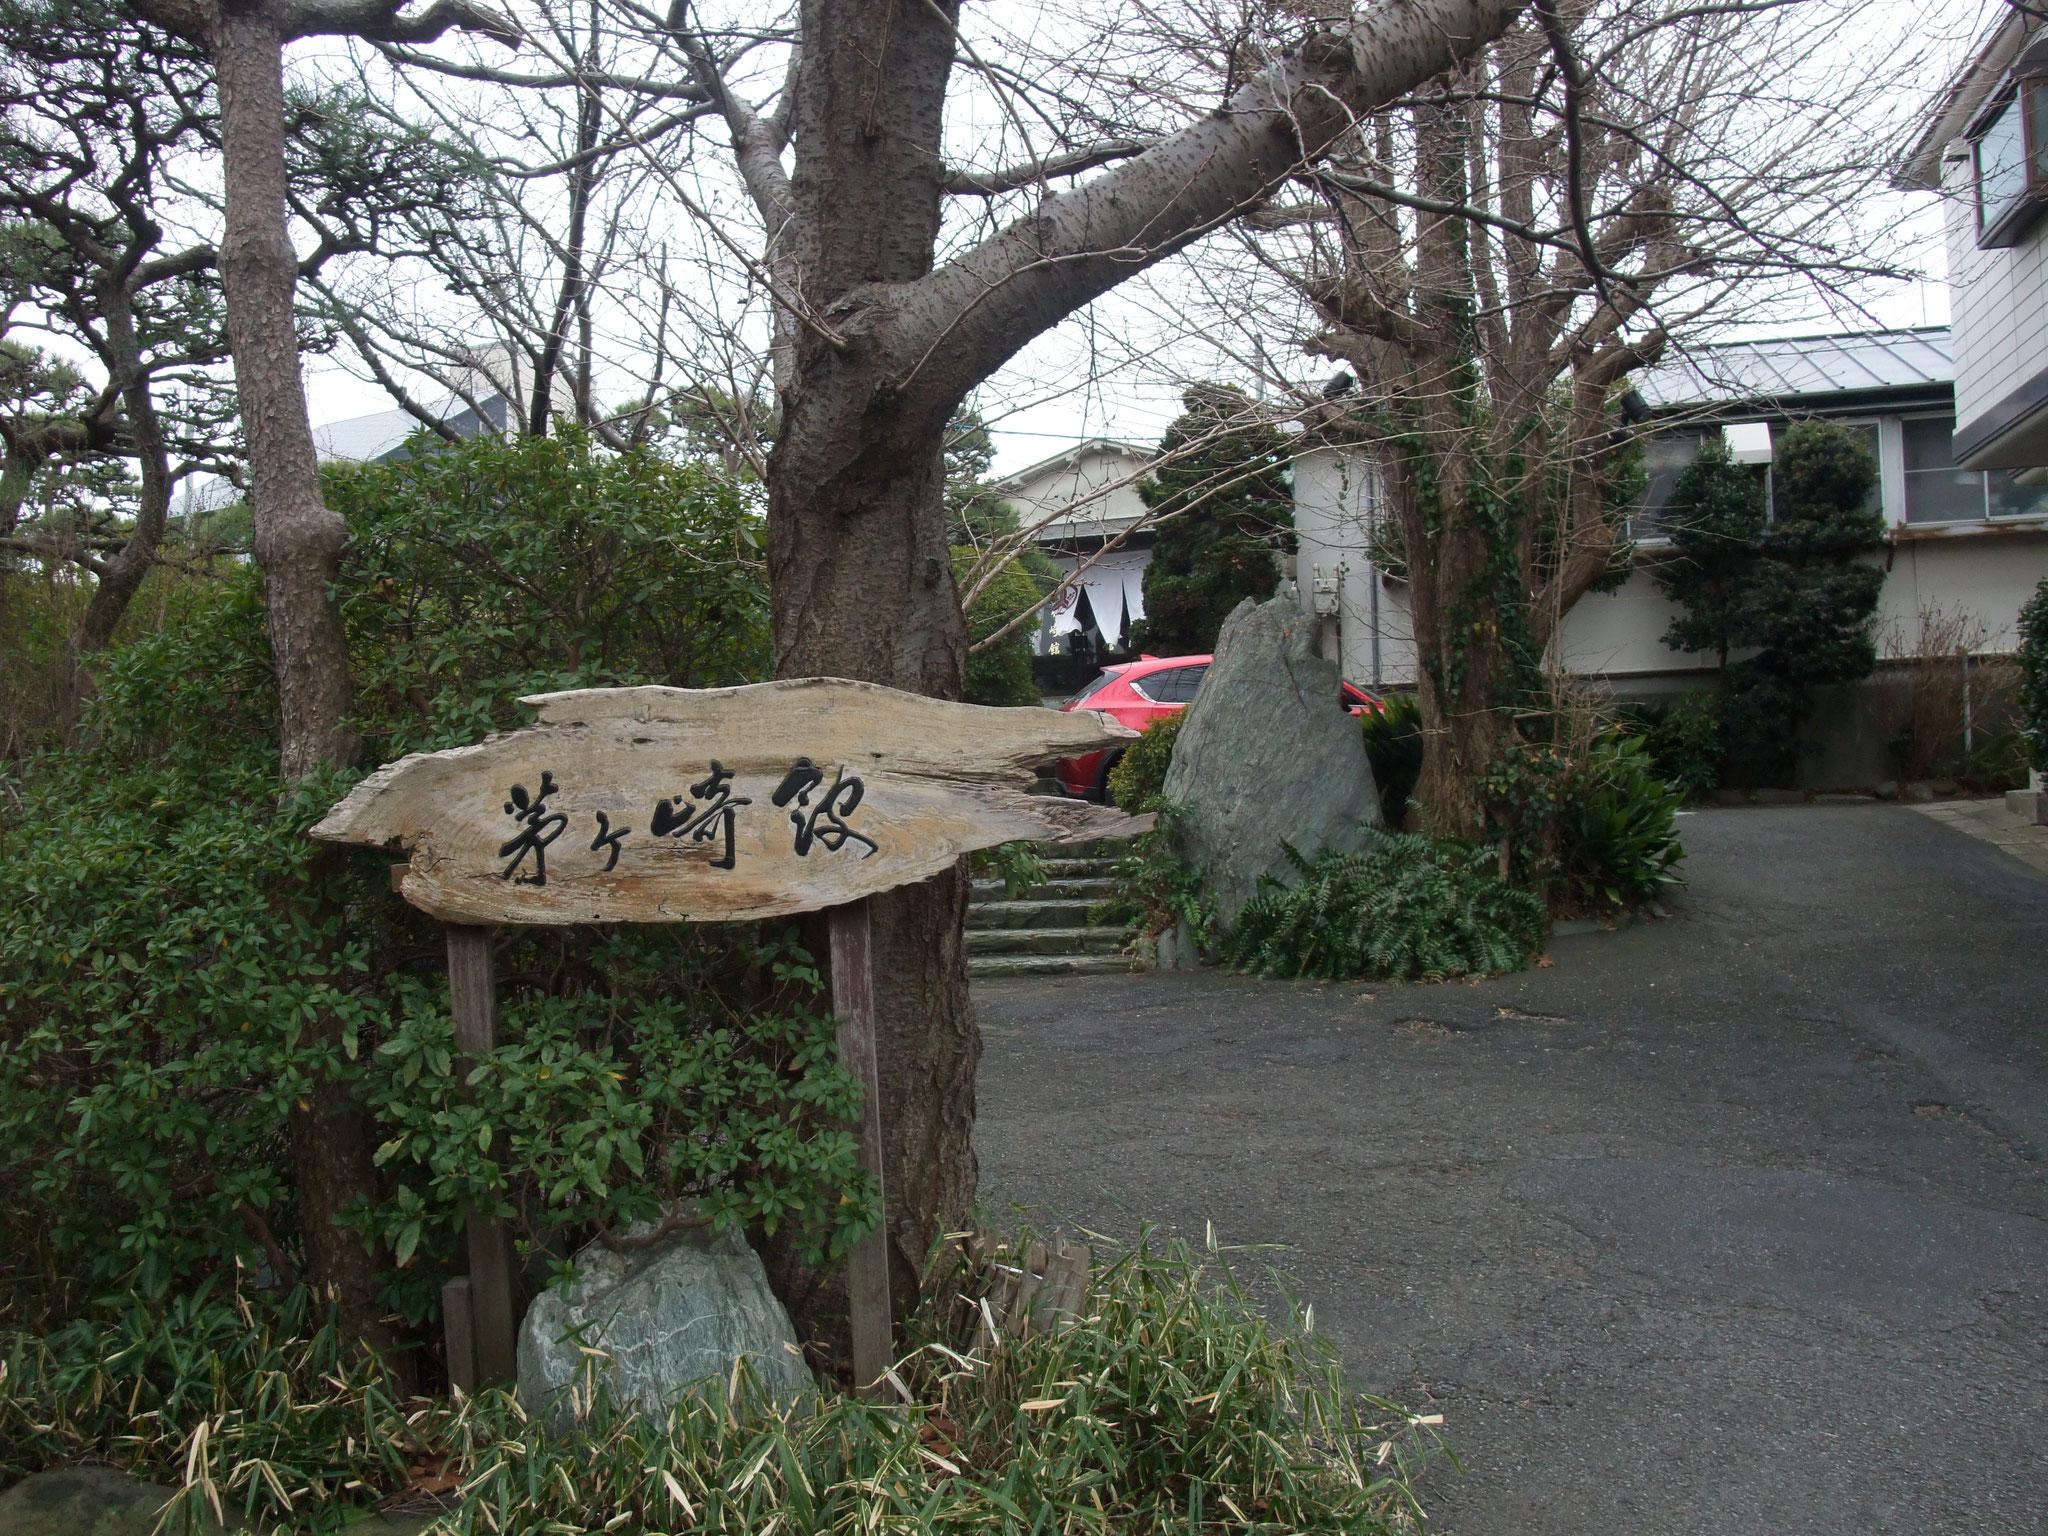 小津安二郎監督が逗留して「晩春」「麦秋」「東京物語」などの脚本を執筆した旅館茅ヶ崎館